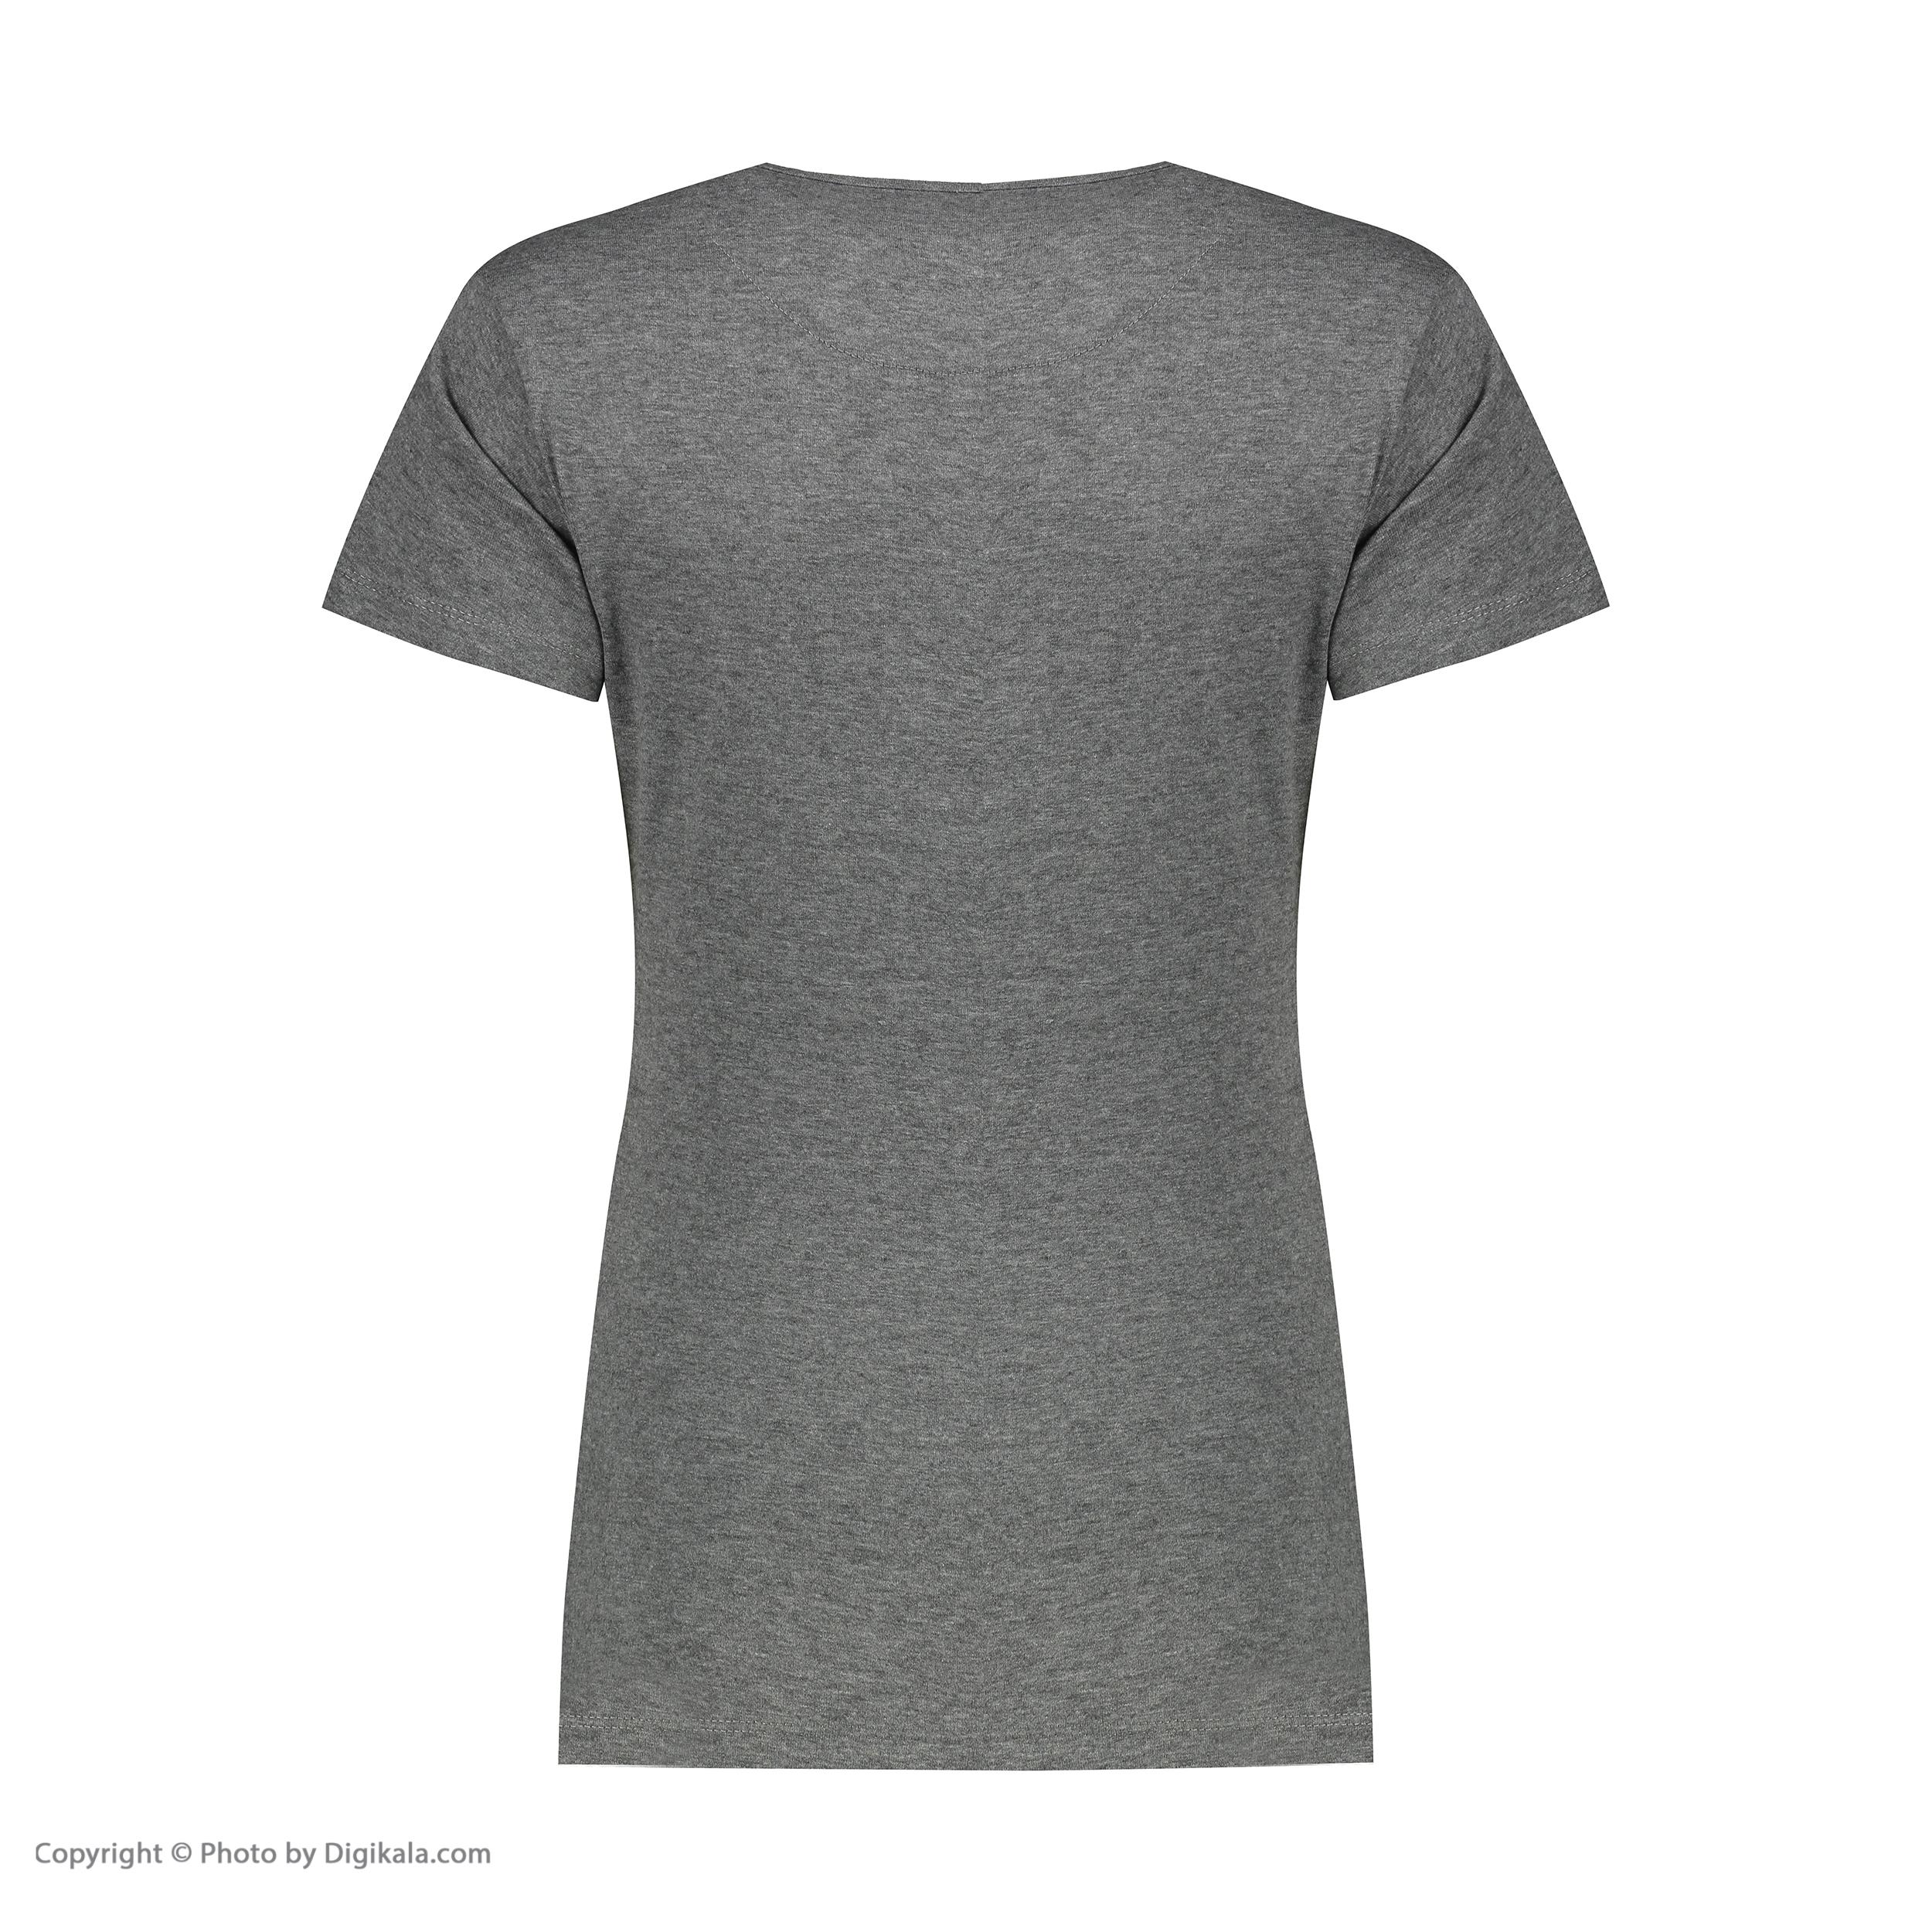 ست تی شرت و شلوارک زنانه مدیس کد 5              👗